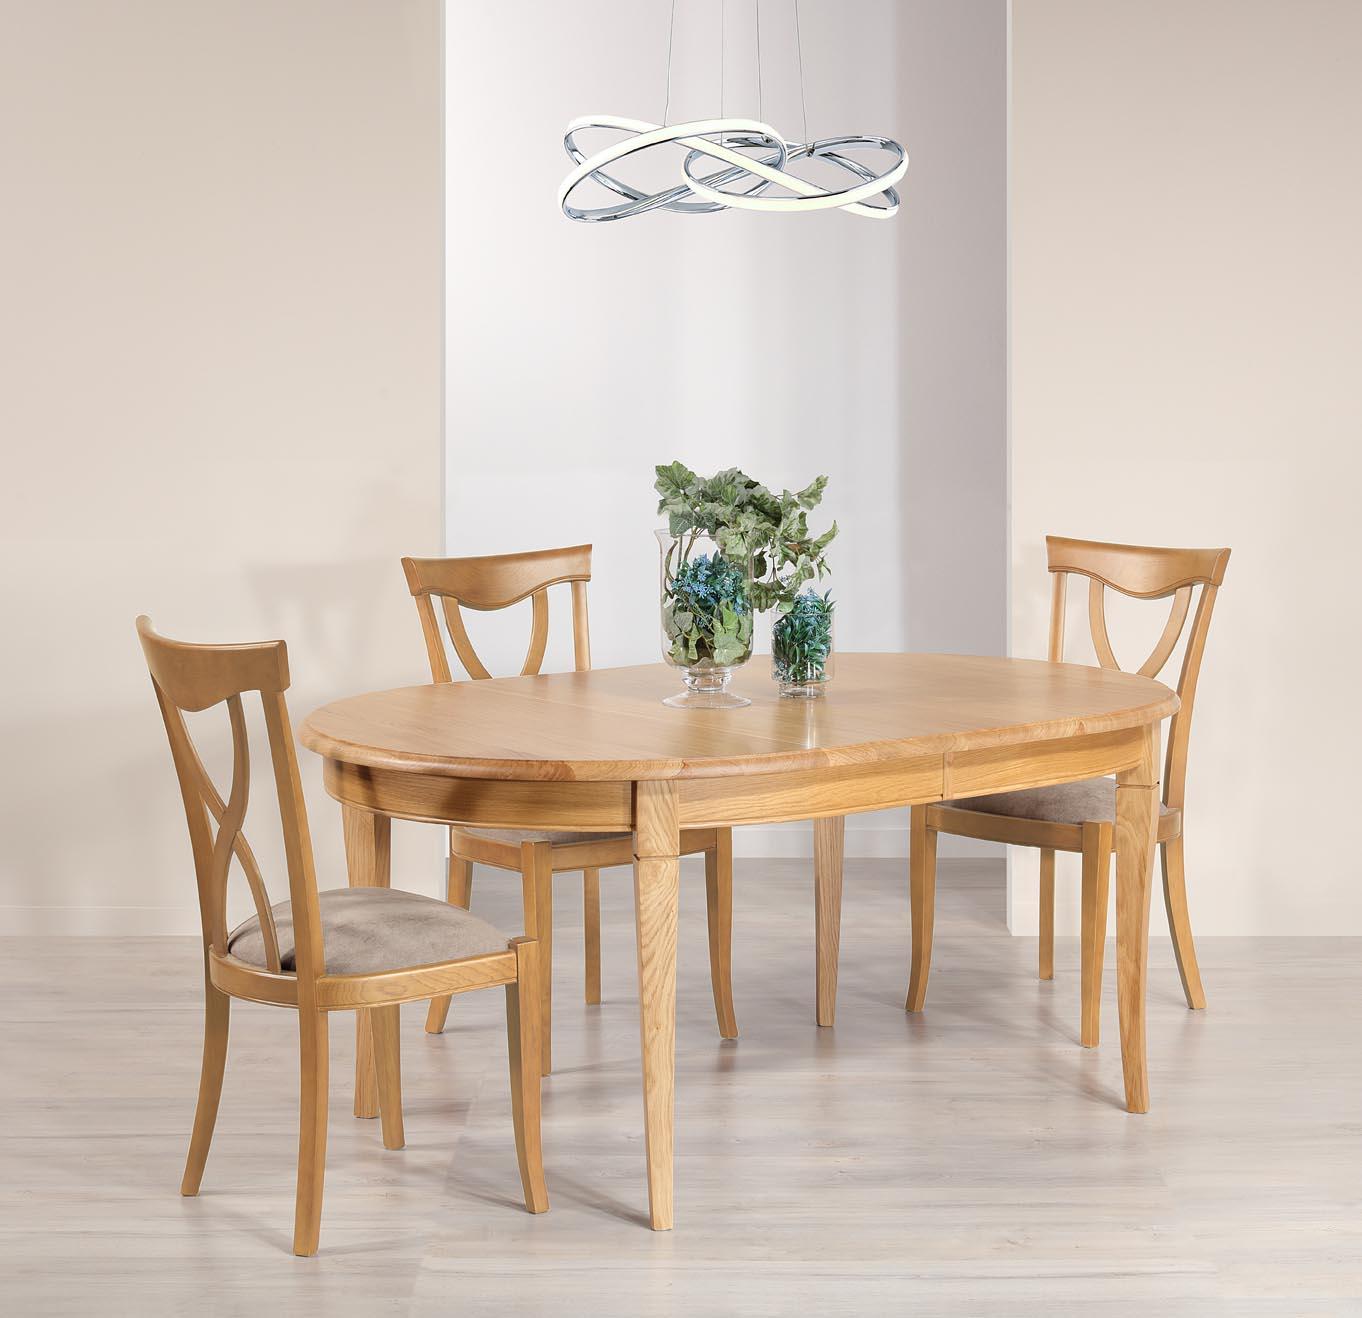 Table ovale 170x110  en Chêne massif de style Louis Philippe avec 2 allonges de 40 cm  Finition Chêne Naturel  SEULEMENT 1 DISPONIBLE